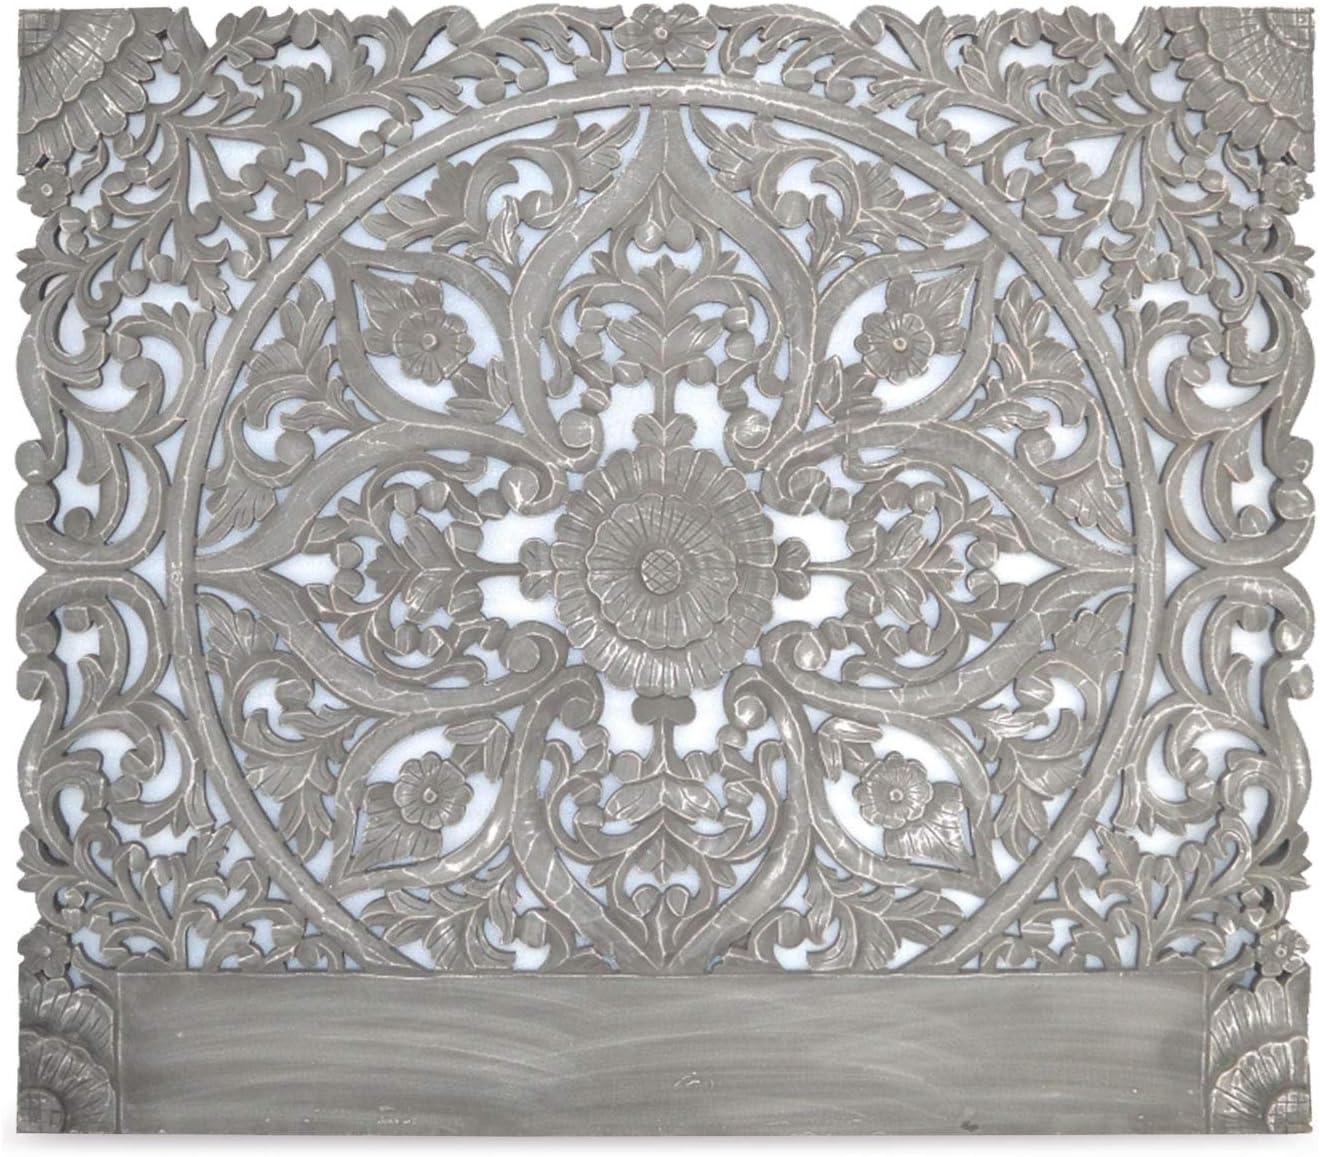 Couleur Blanche Menzzo T/ête de Lit 140 cm en Bois Sculpt/é Serena Moulures Florales pour Habiller votre Mur Dimensions: L140 cm x P3,5 cm x H140 cm Moderne et Originale